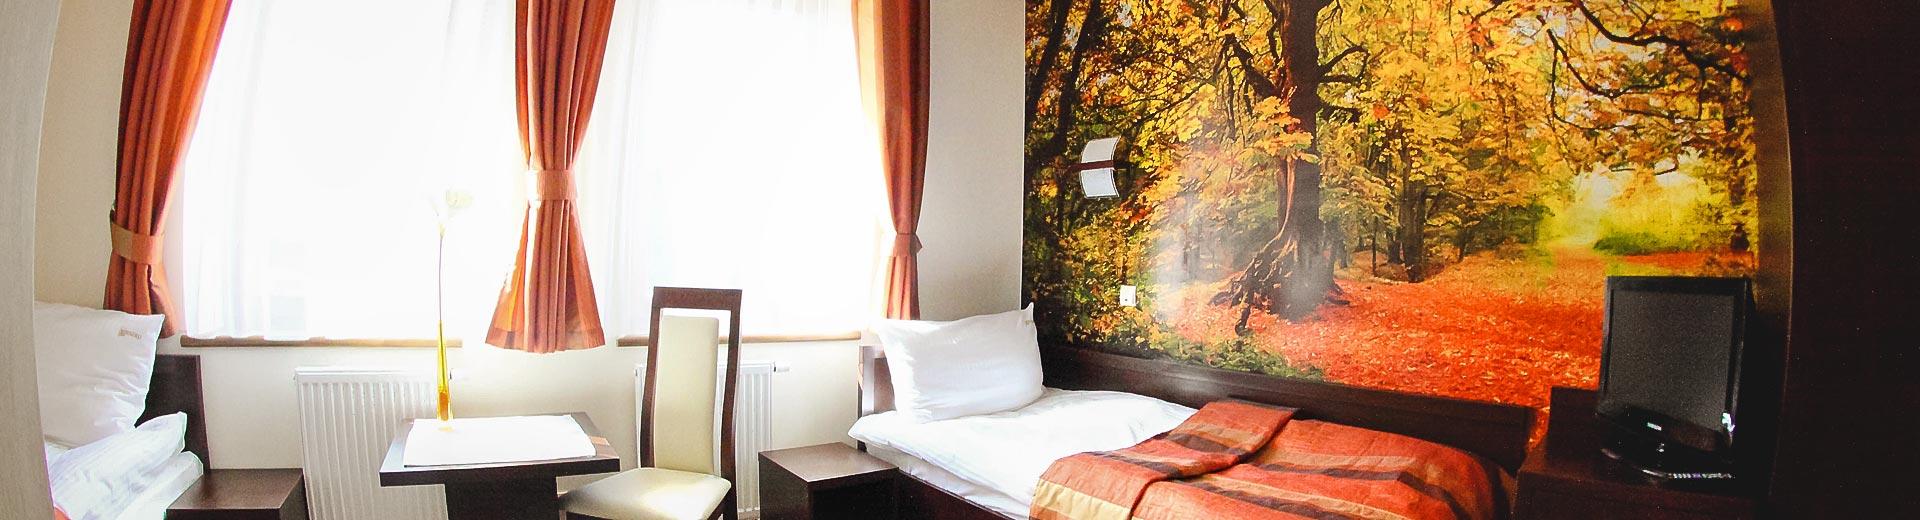 Hotel Mieszko Rzeszów